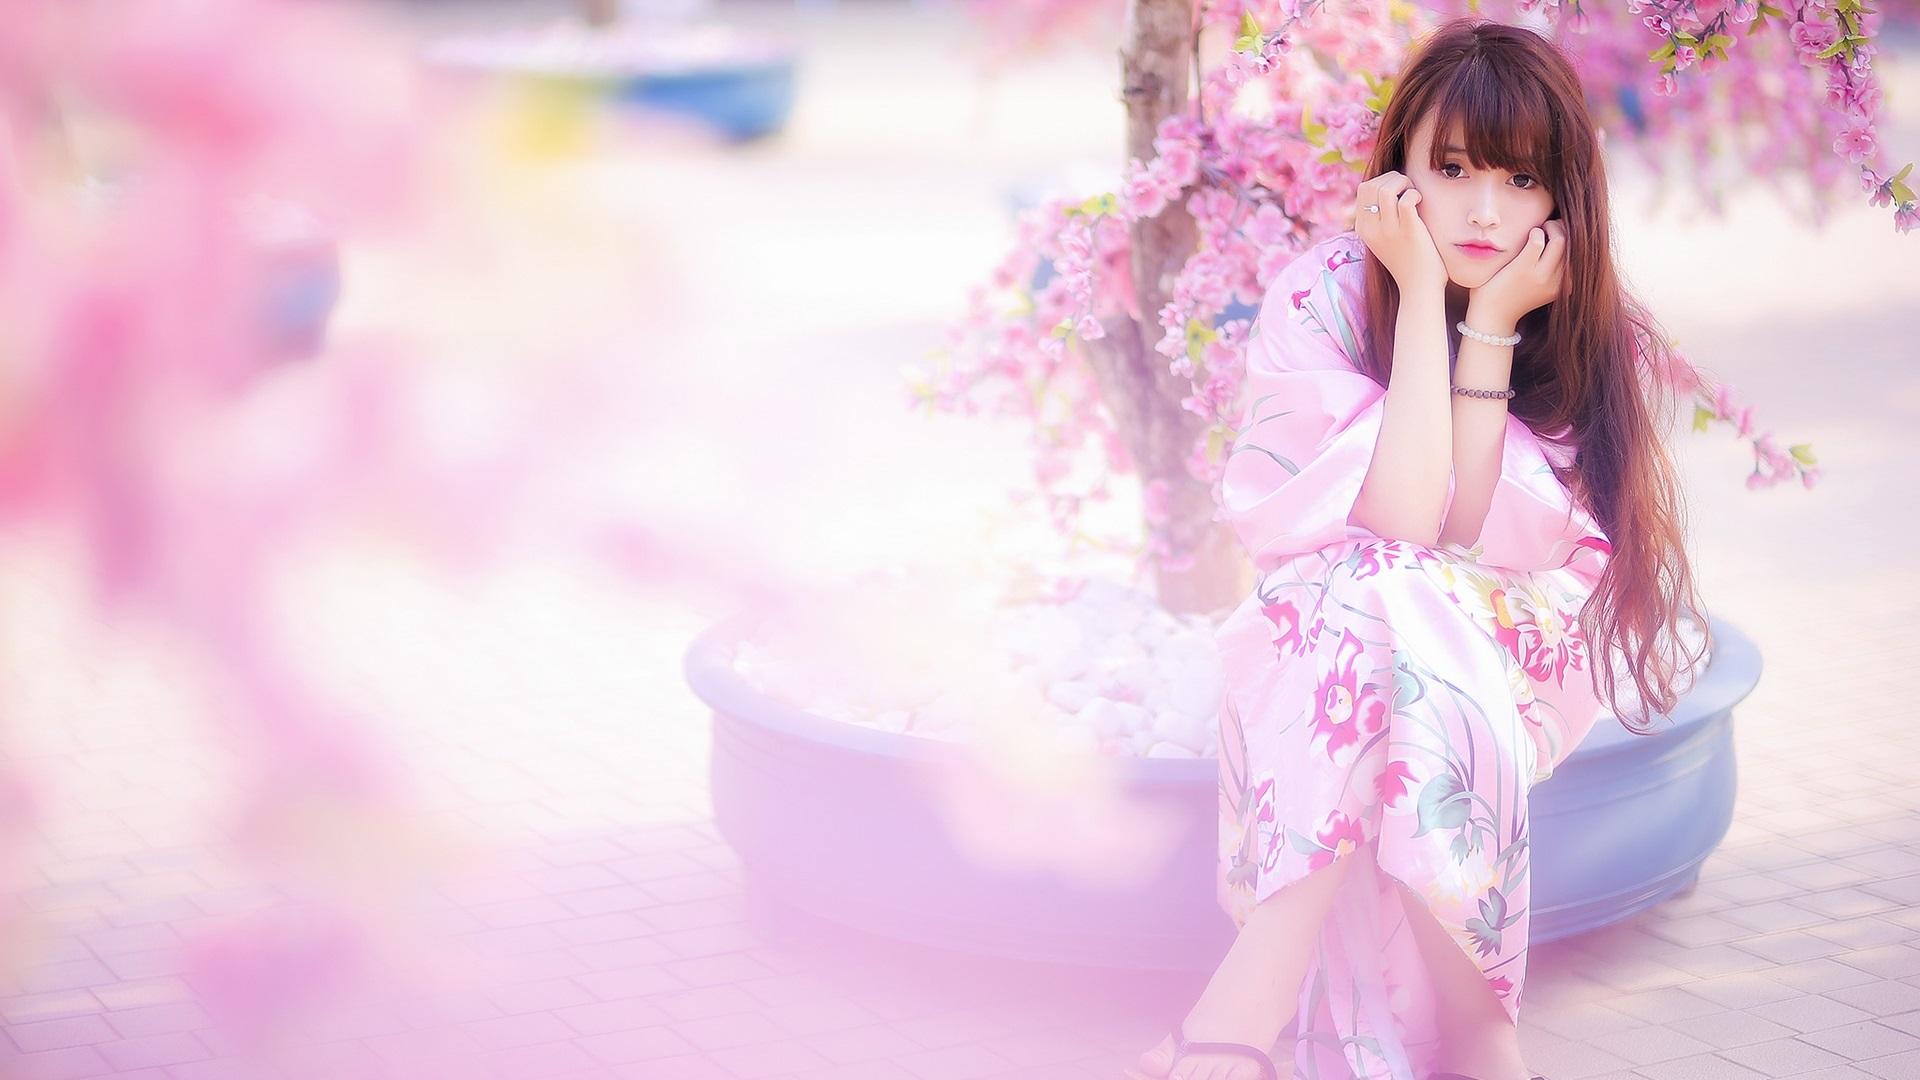 배경 화면 아름다운 일본 여자, 기모노, 핑크 사쿠라, 봄 1920x1200 HD 그림, 이미지